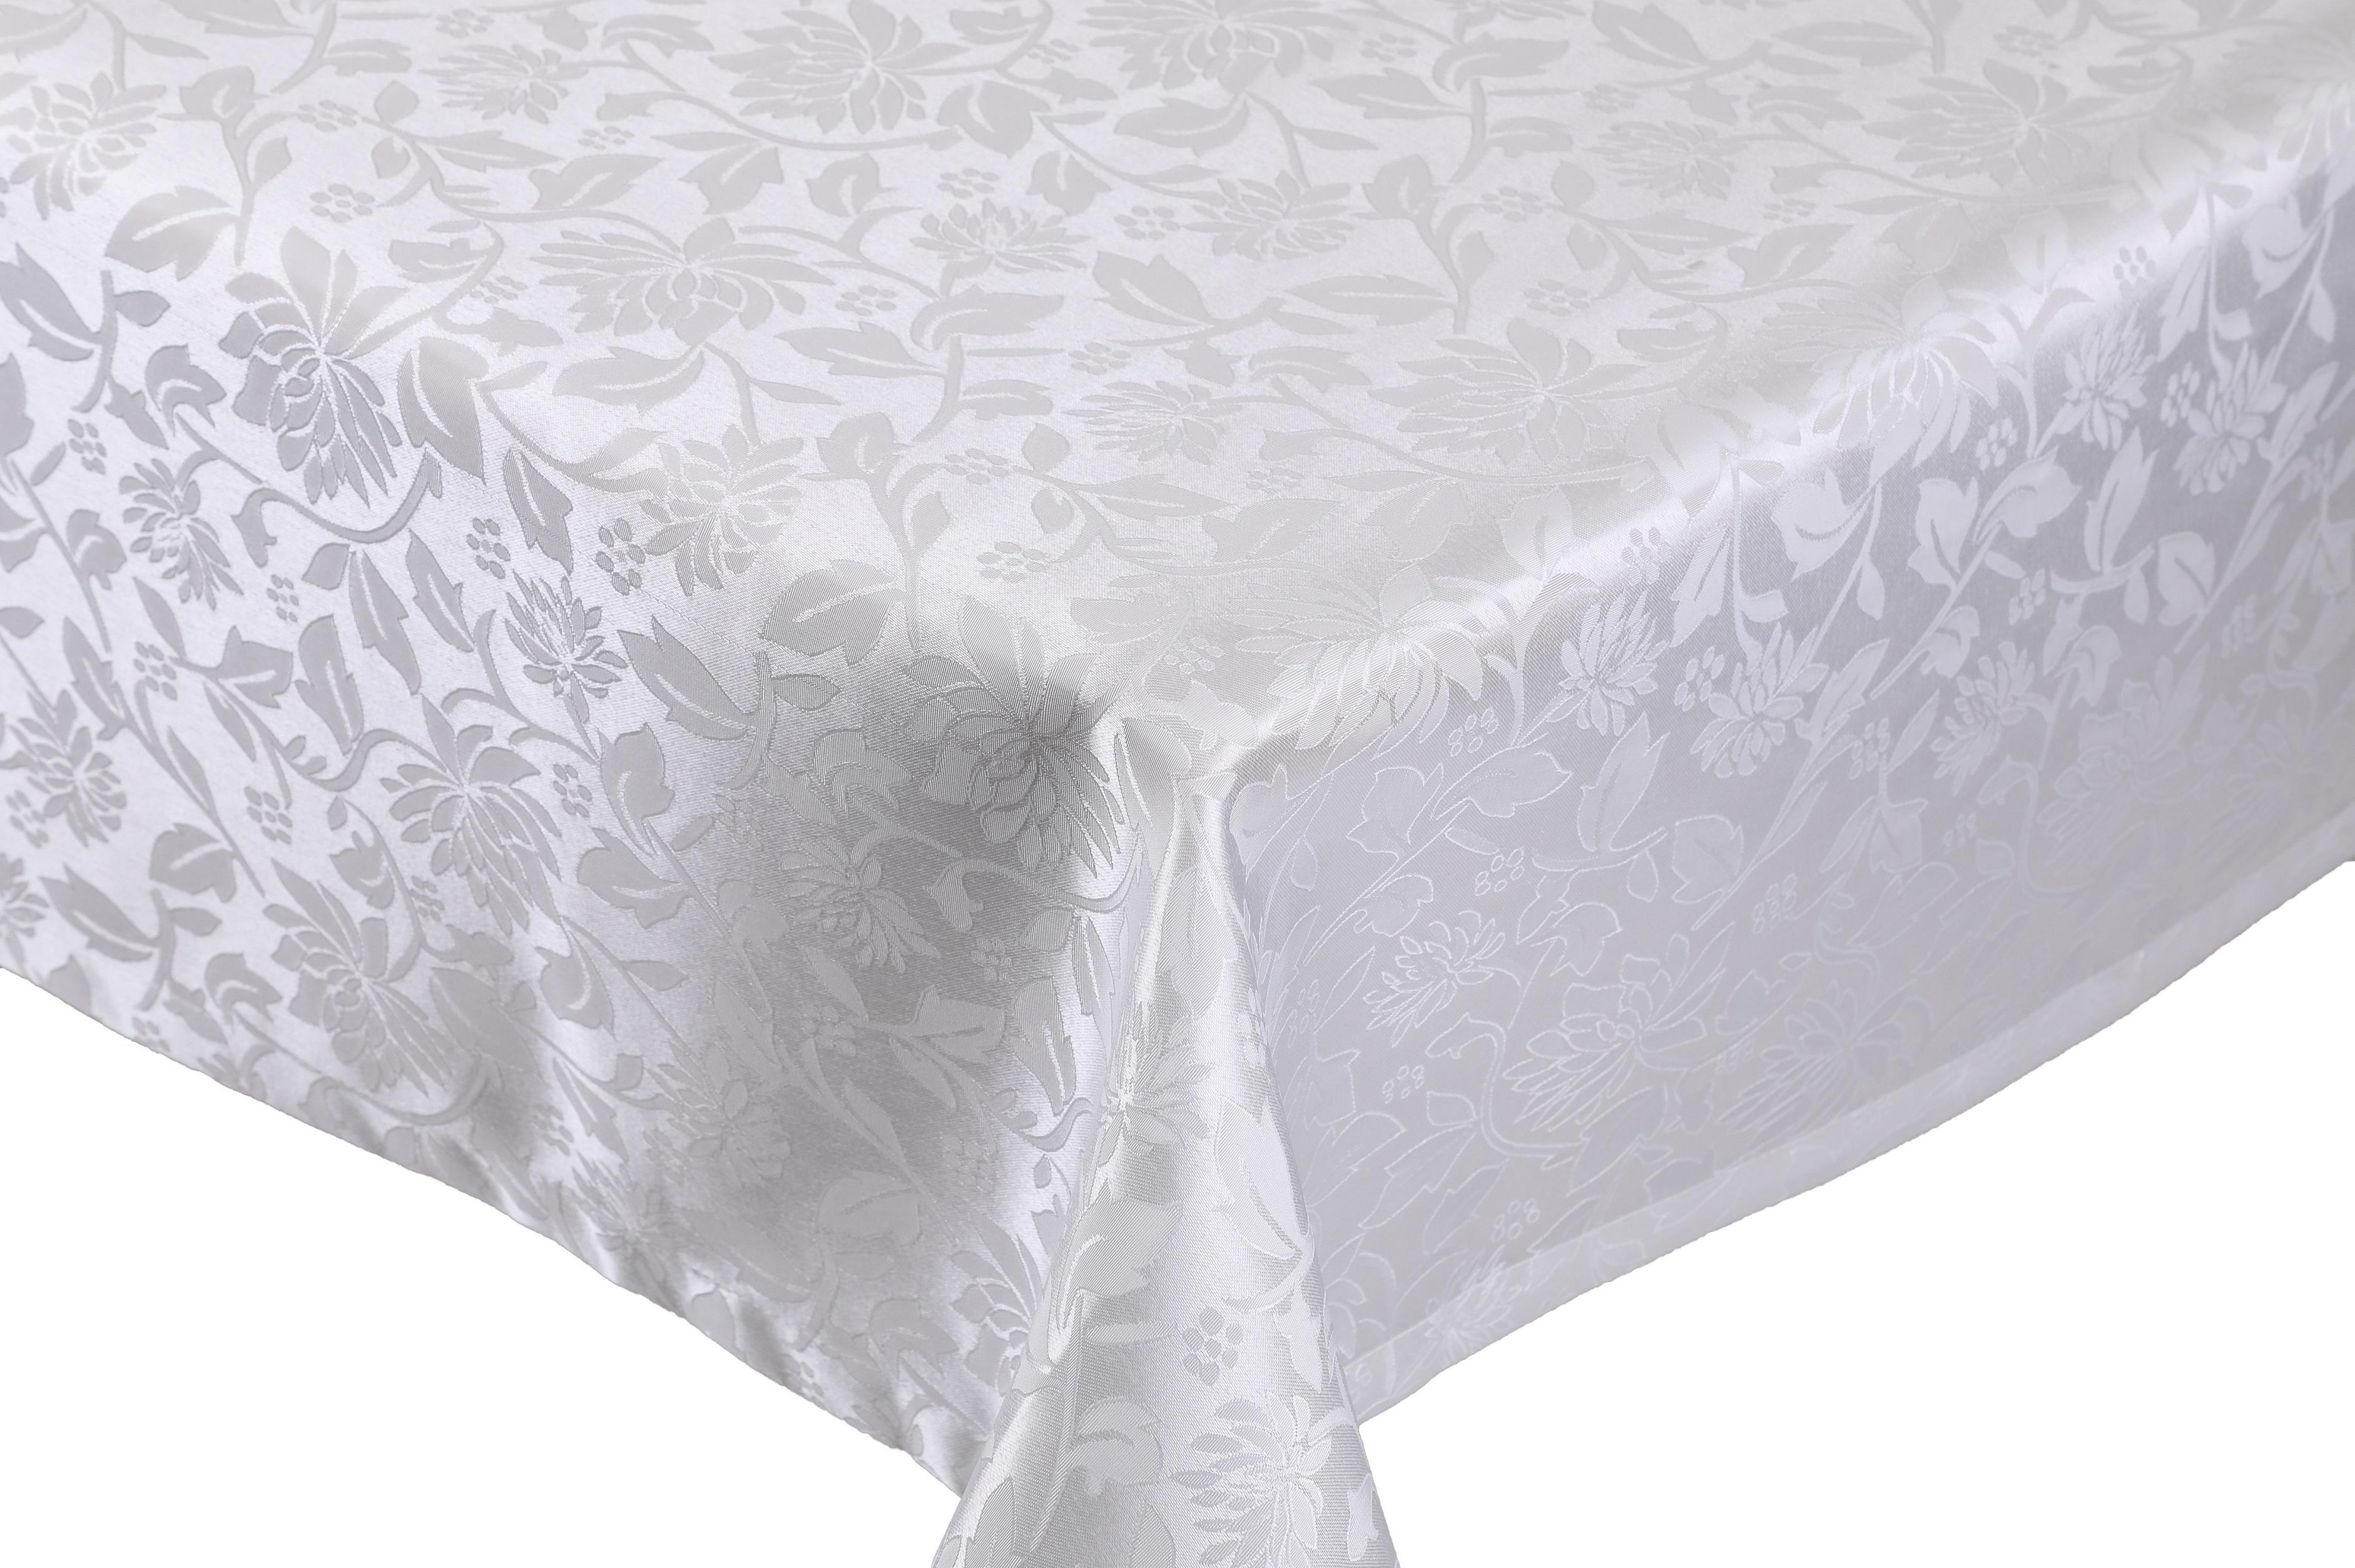 betz edle jacquard tischdecke tischtuch tischw sche dessin 1 farbe wei. Black Bedroom Furniture Sets. Home Design Ideas